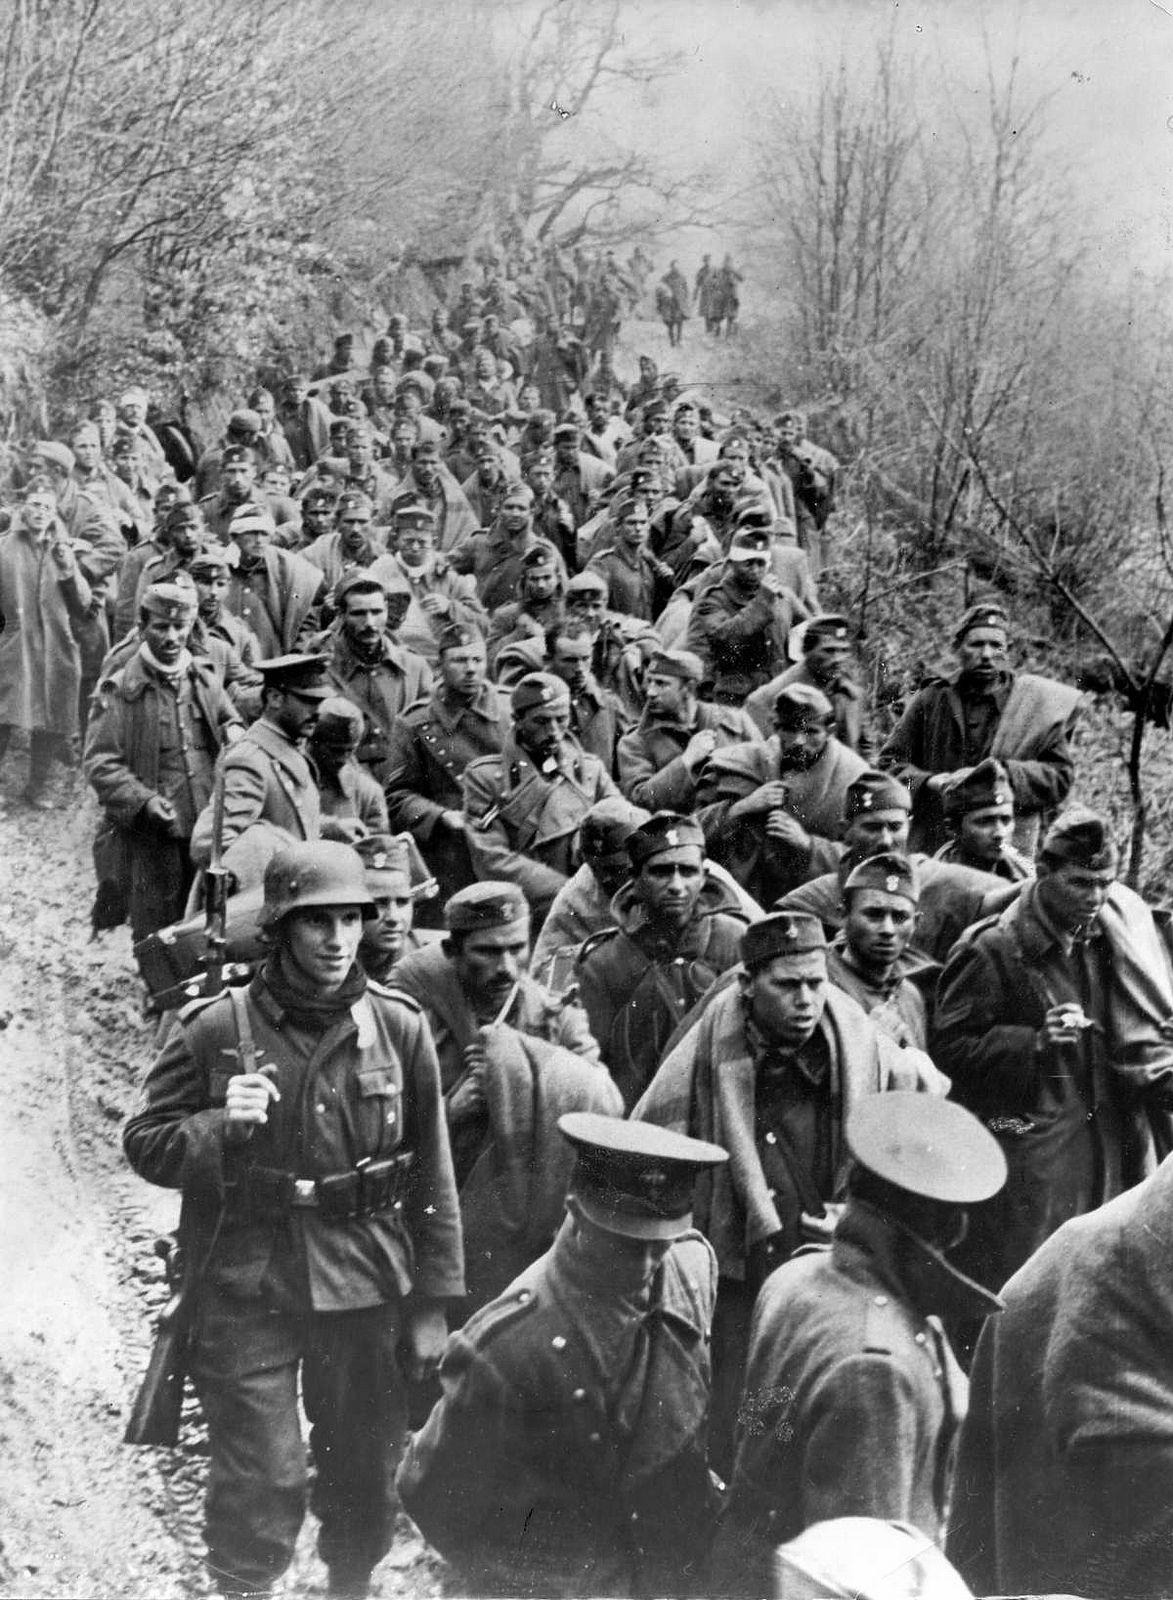 1941, Yougoslavie, Une colonne de POWs yougoslaves en ordre de marche | Flickr - Photo Sharing!